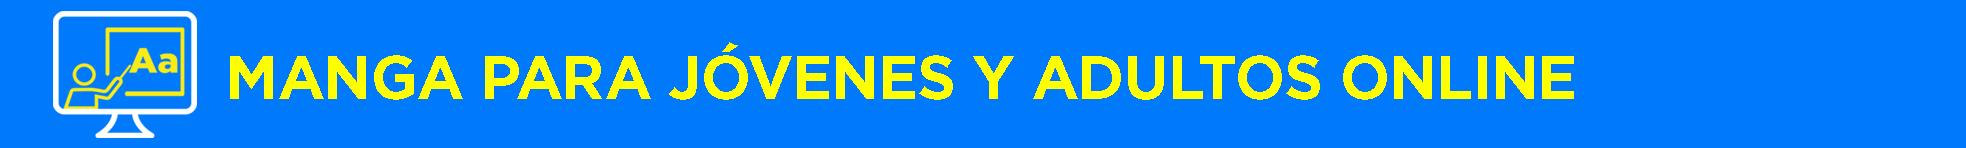 Banner título Manga para jóvenes y adultos Online